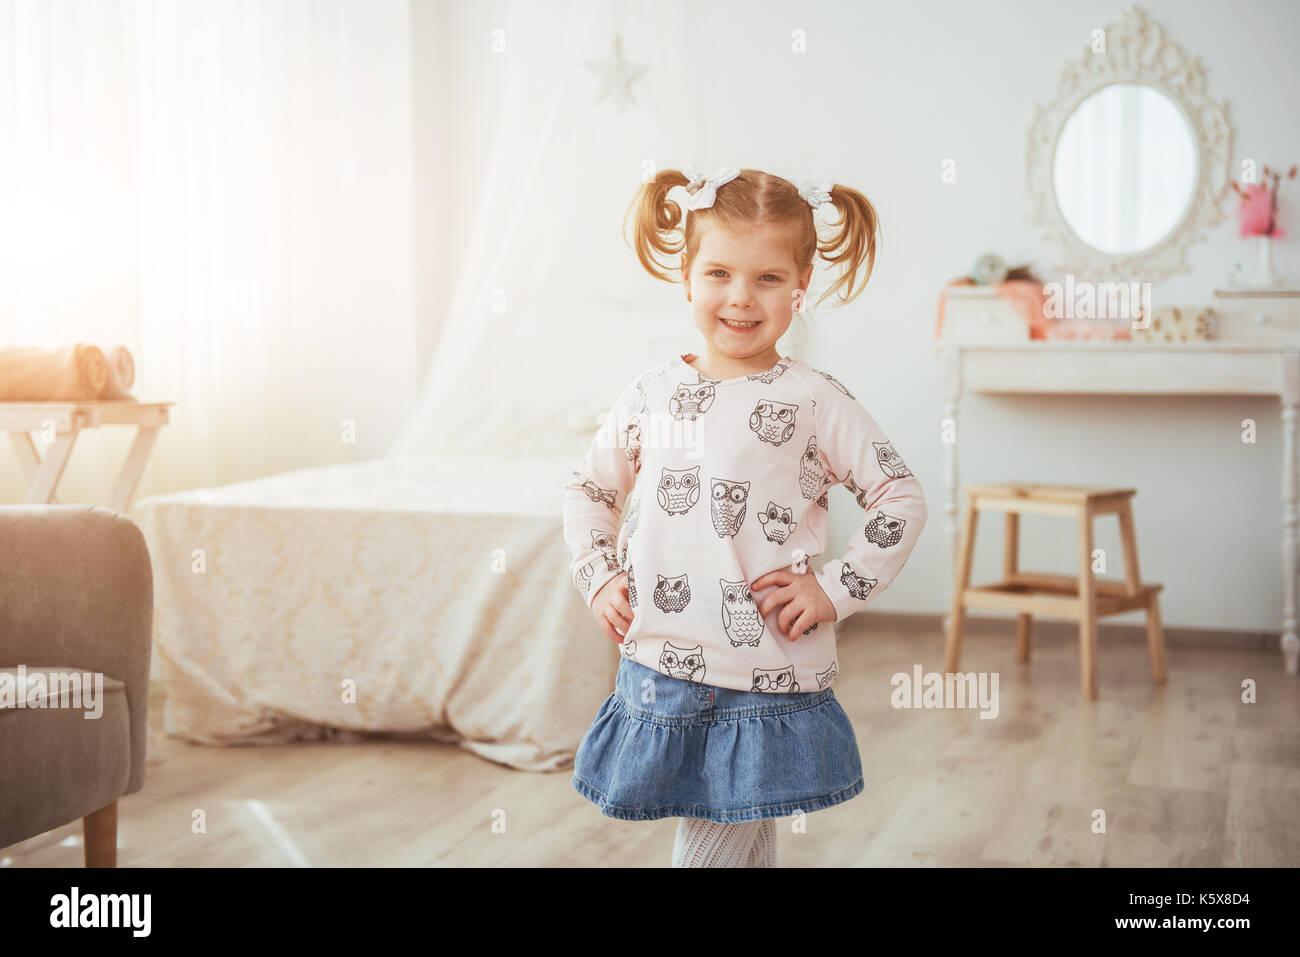 Cara feliz Funny Baby Girl. En una habitación luminosa Imagen De Stock